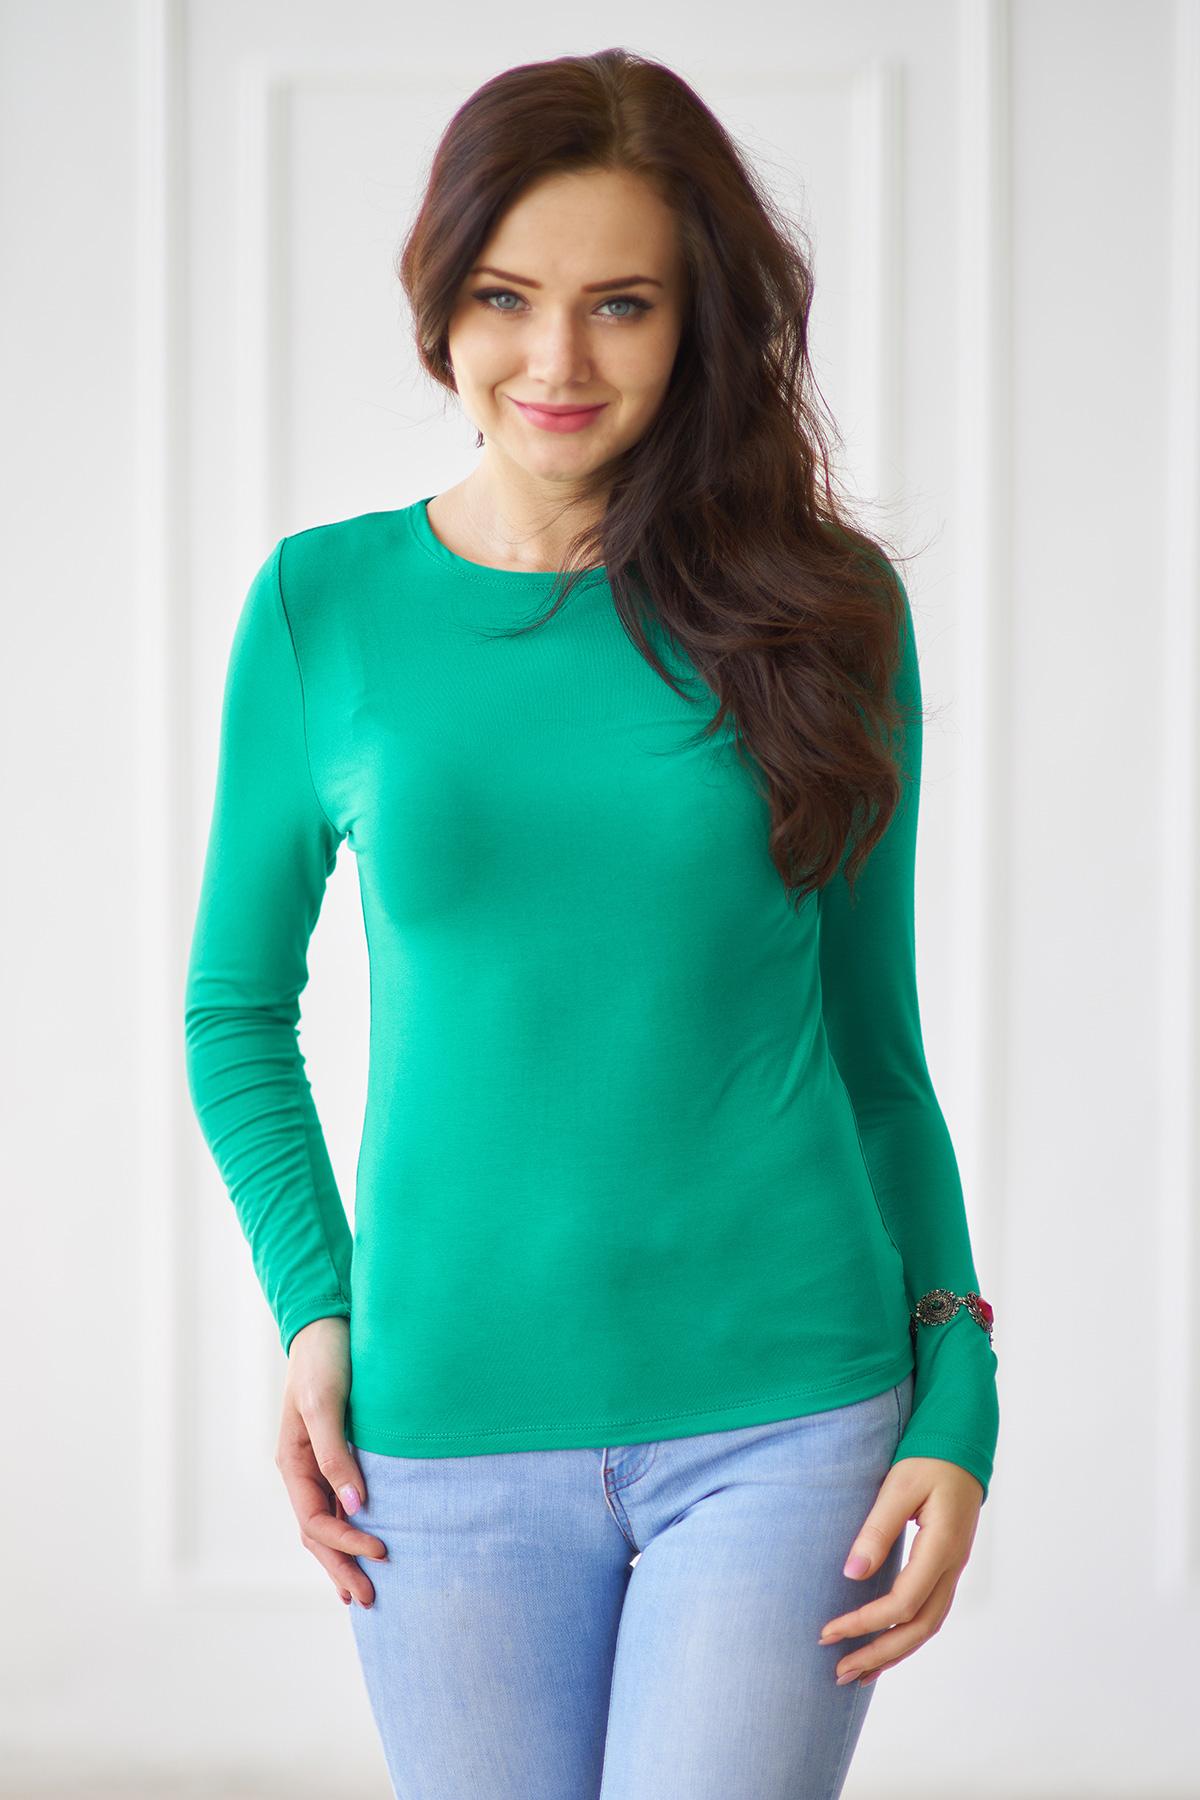 Жен. лонгслив арт. 19-0003 Зеленый р. 54 - Женская одежда артикул: 28450